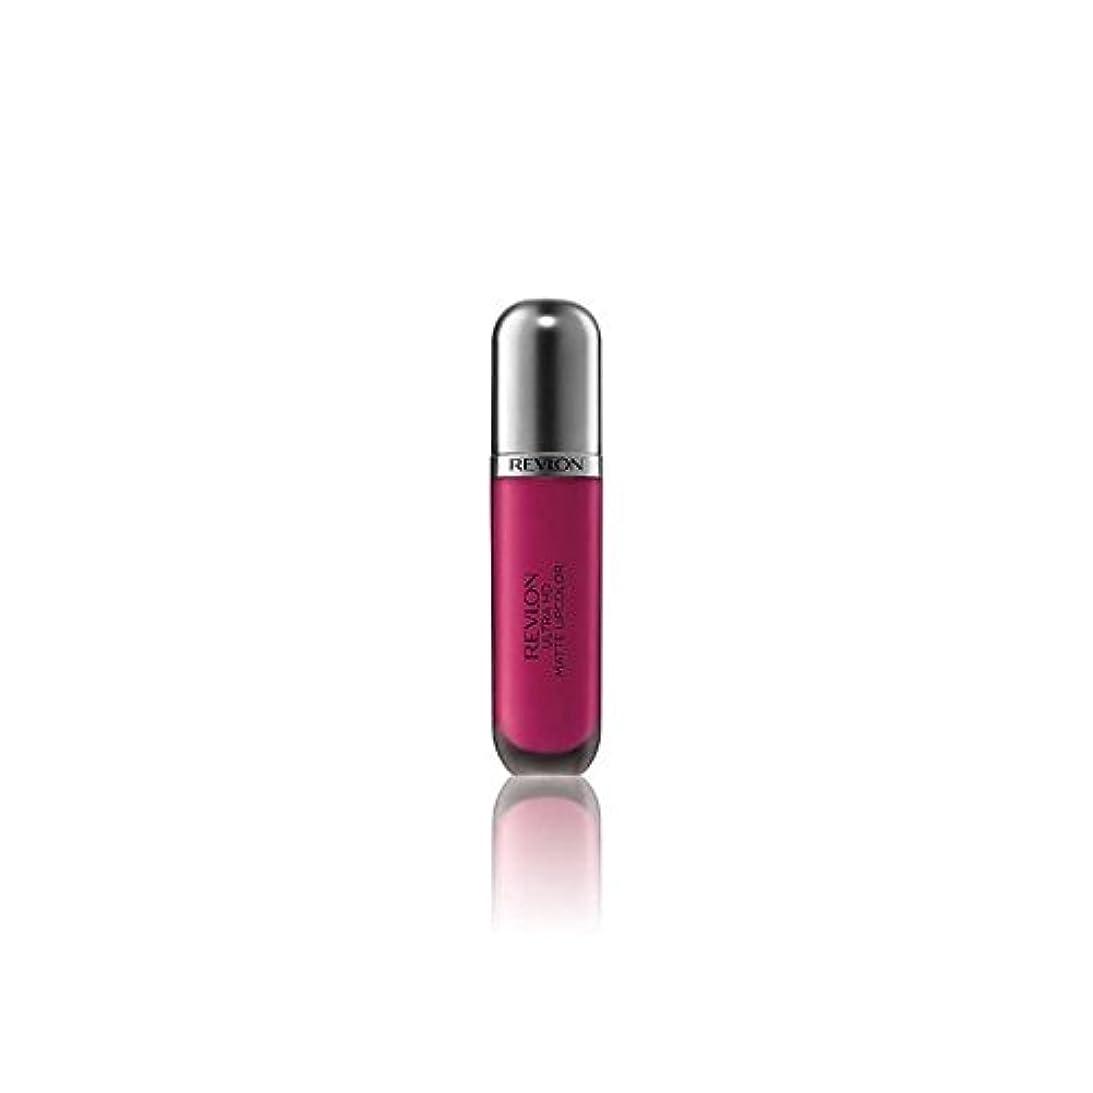 特異性候補者コンピューターRevlon Ultra HD Matte Lipstick Addiction 5.9ml - レブロンウルトラマット口紅中毒5.9ミリリットル [並行輸入品]